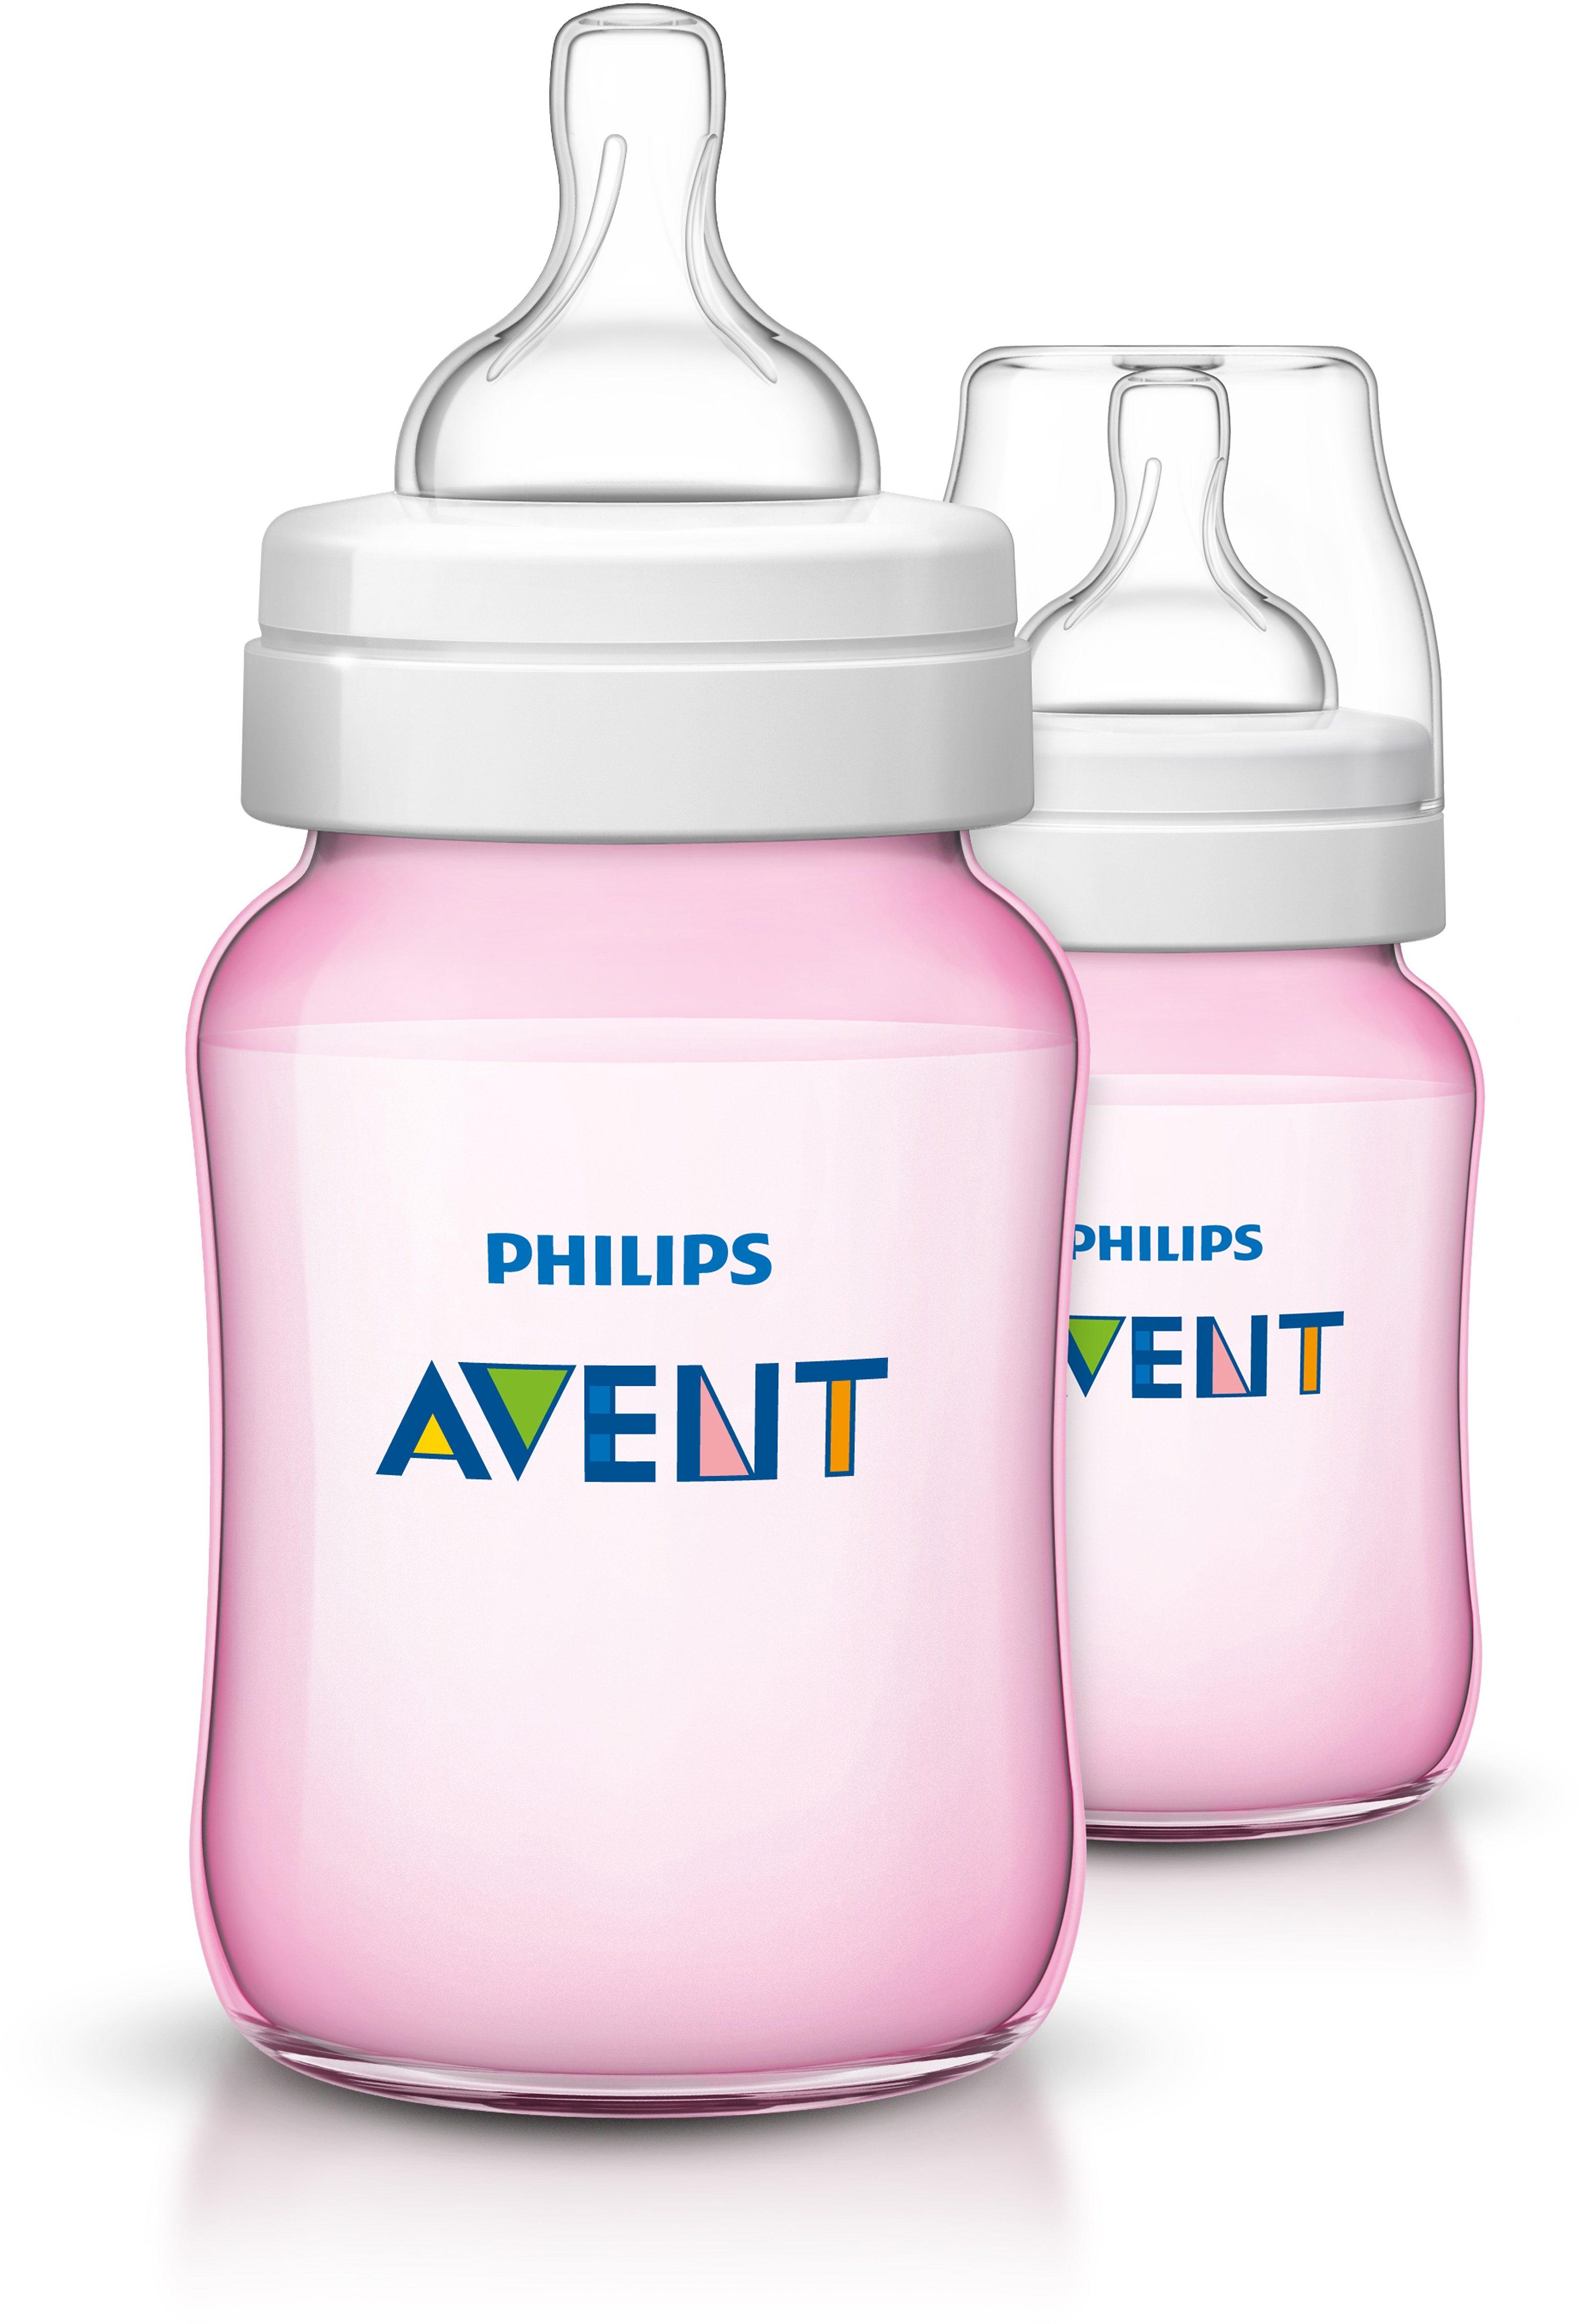 Philips Avent Babyfläschchen SCF564/27 KlassikPlus Flasche 260 ml, 2er Pack, pink